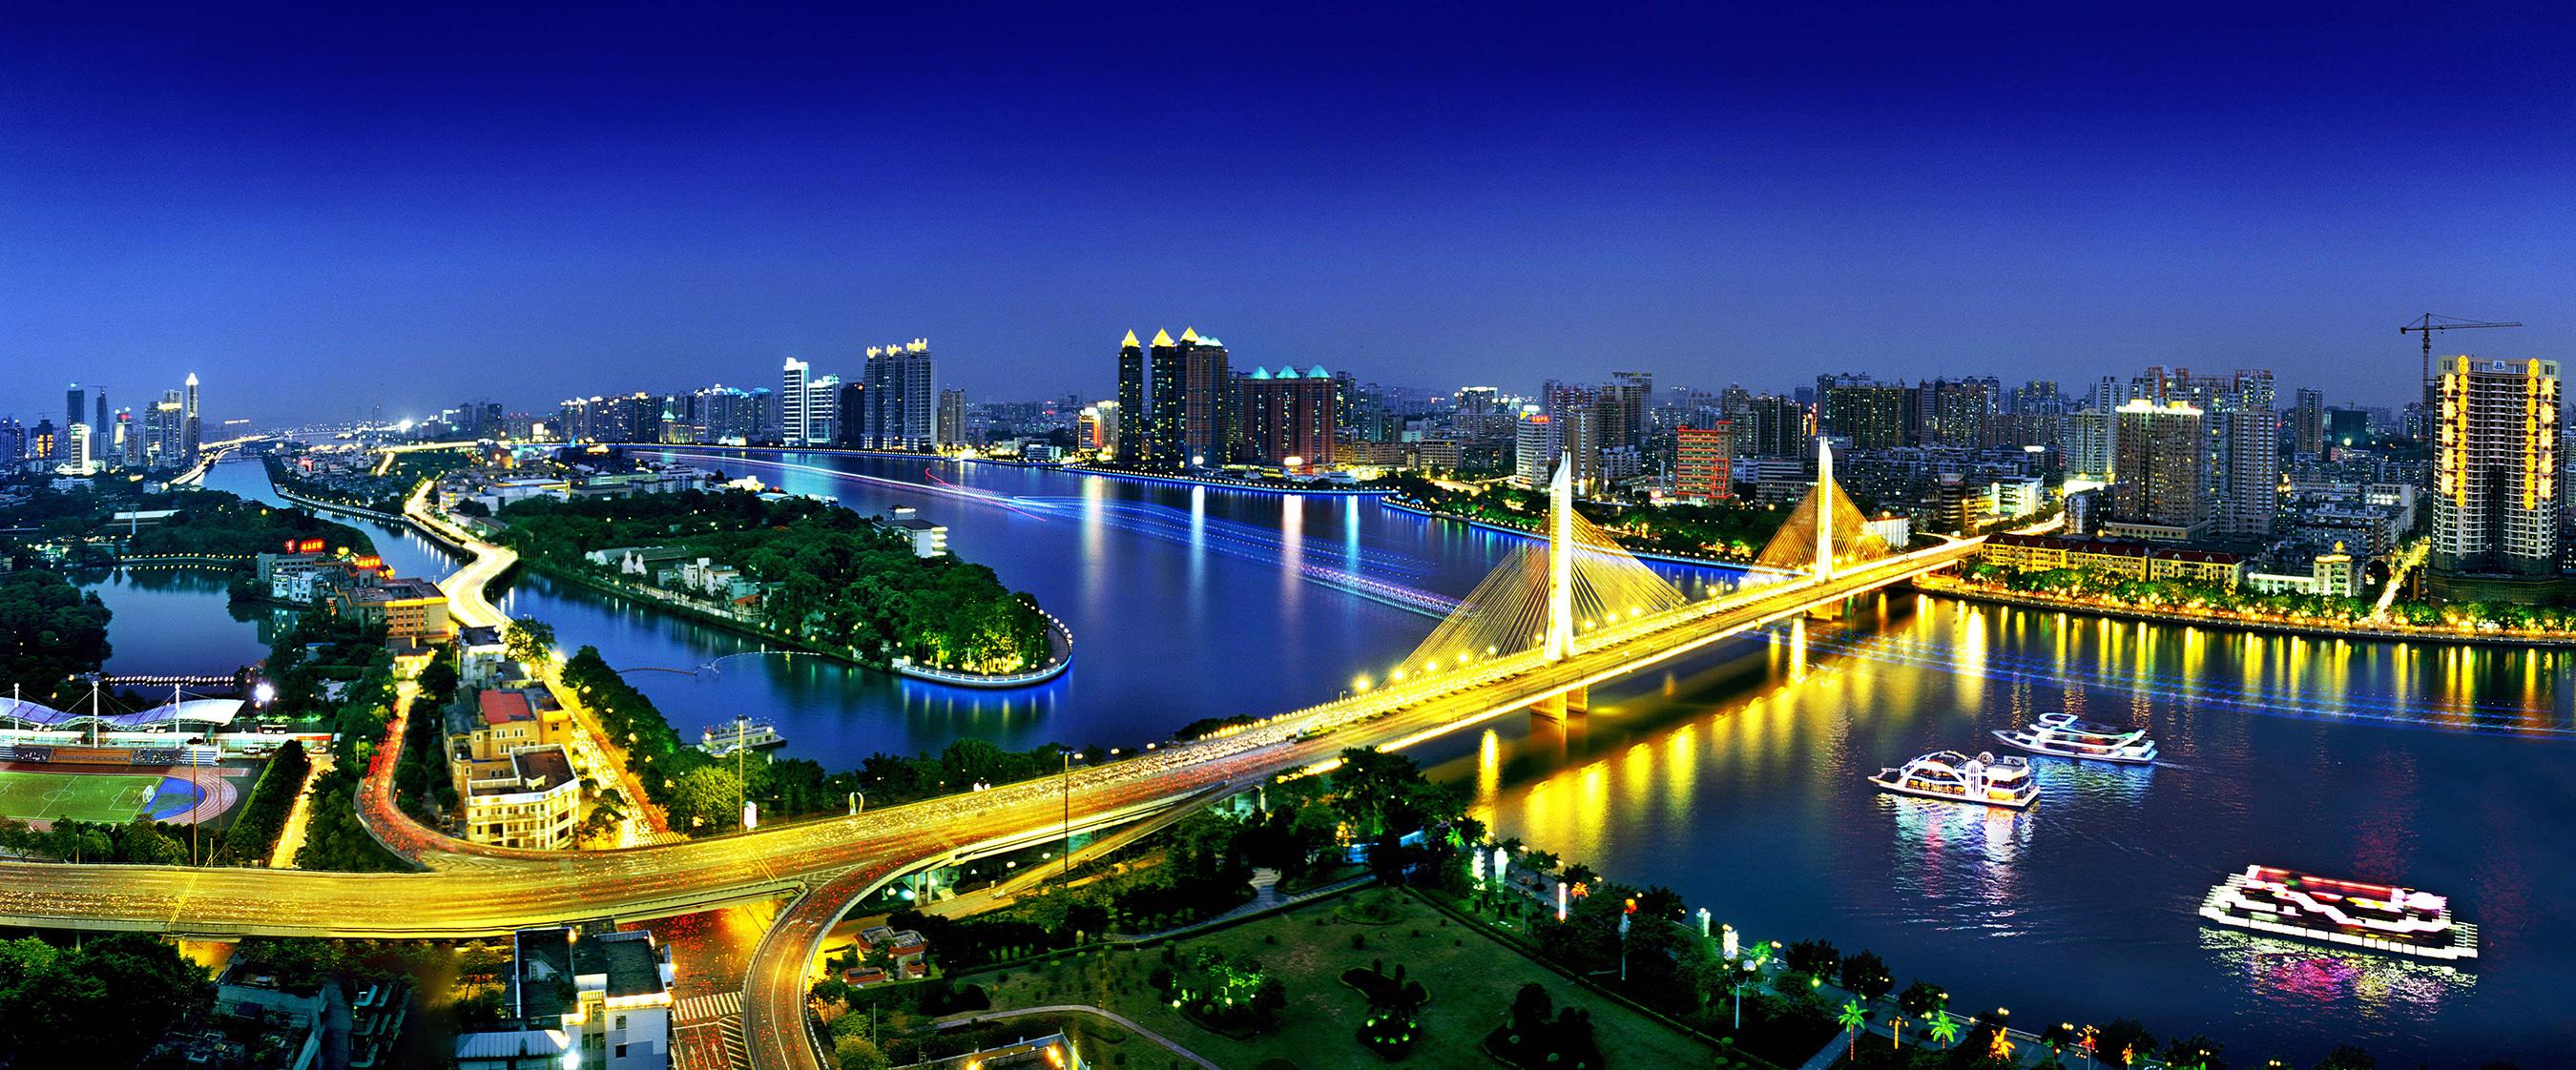 Night view of Guangzhou China.